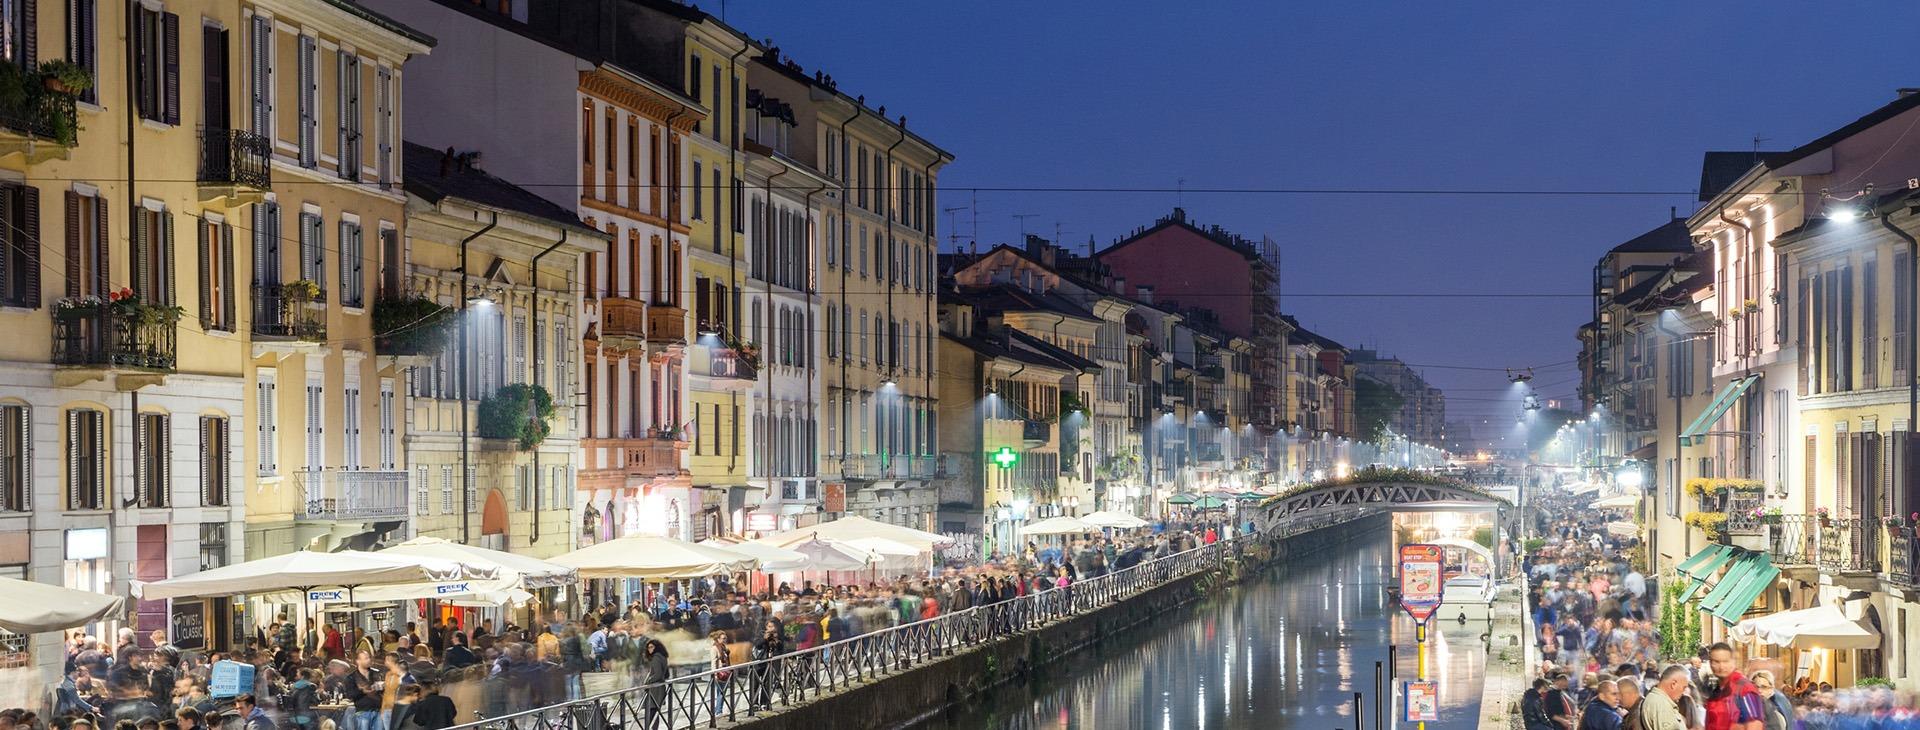 ITALO_Seilhängeleuchte